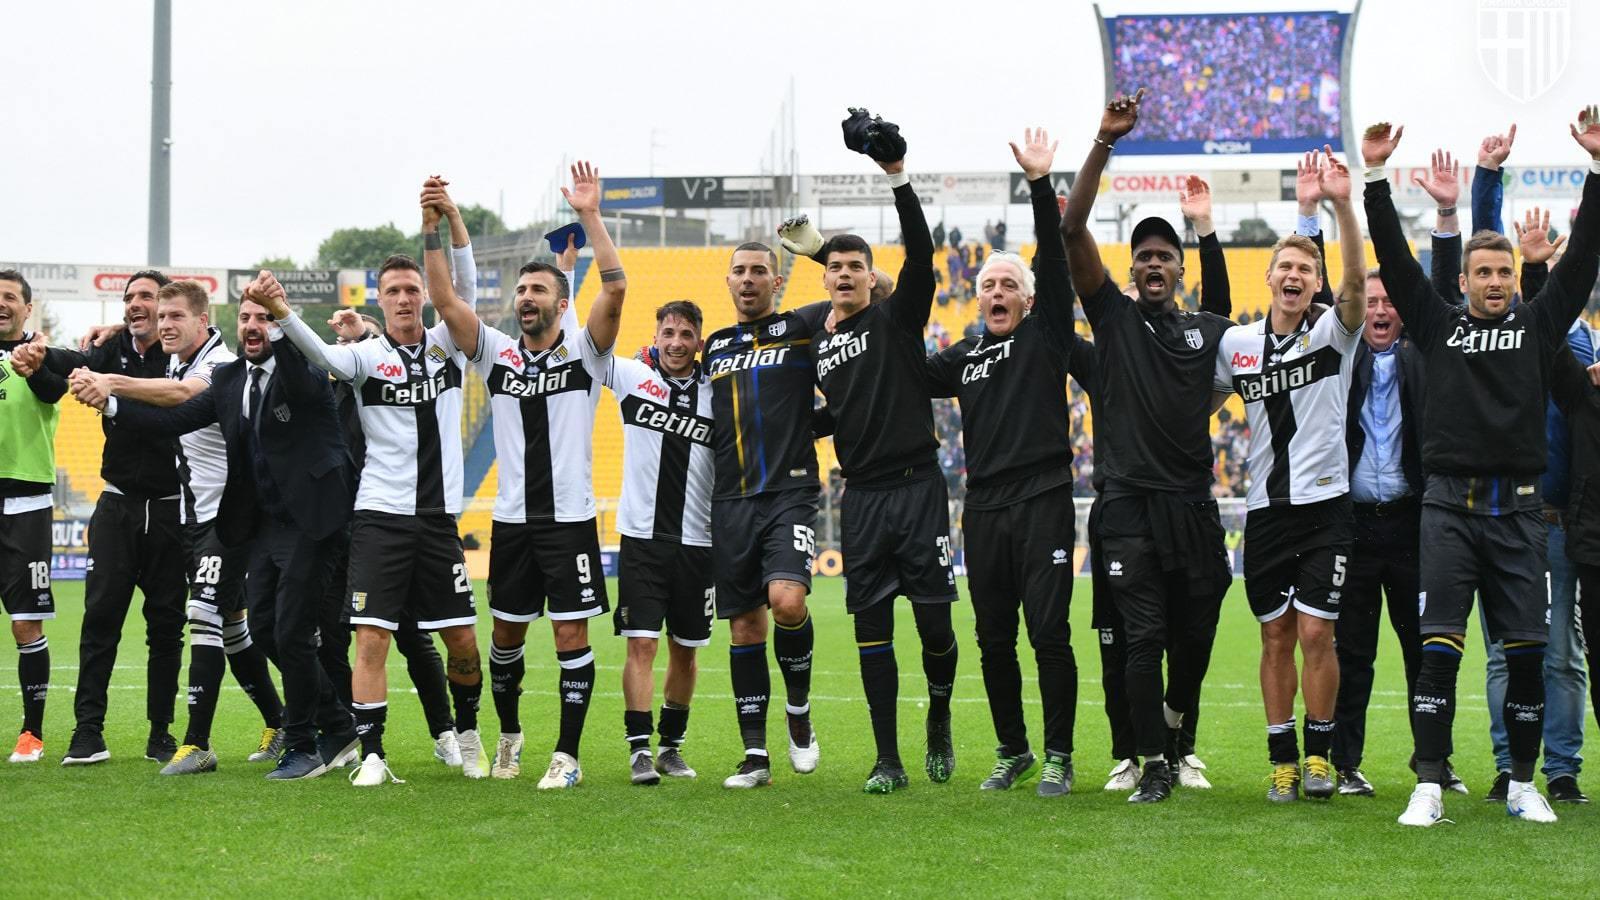 Parma Campione Twitter Challenge 2018-2019